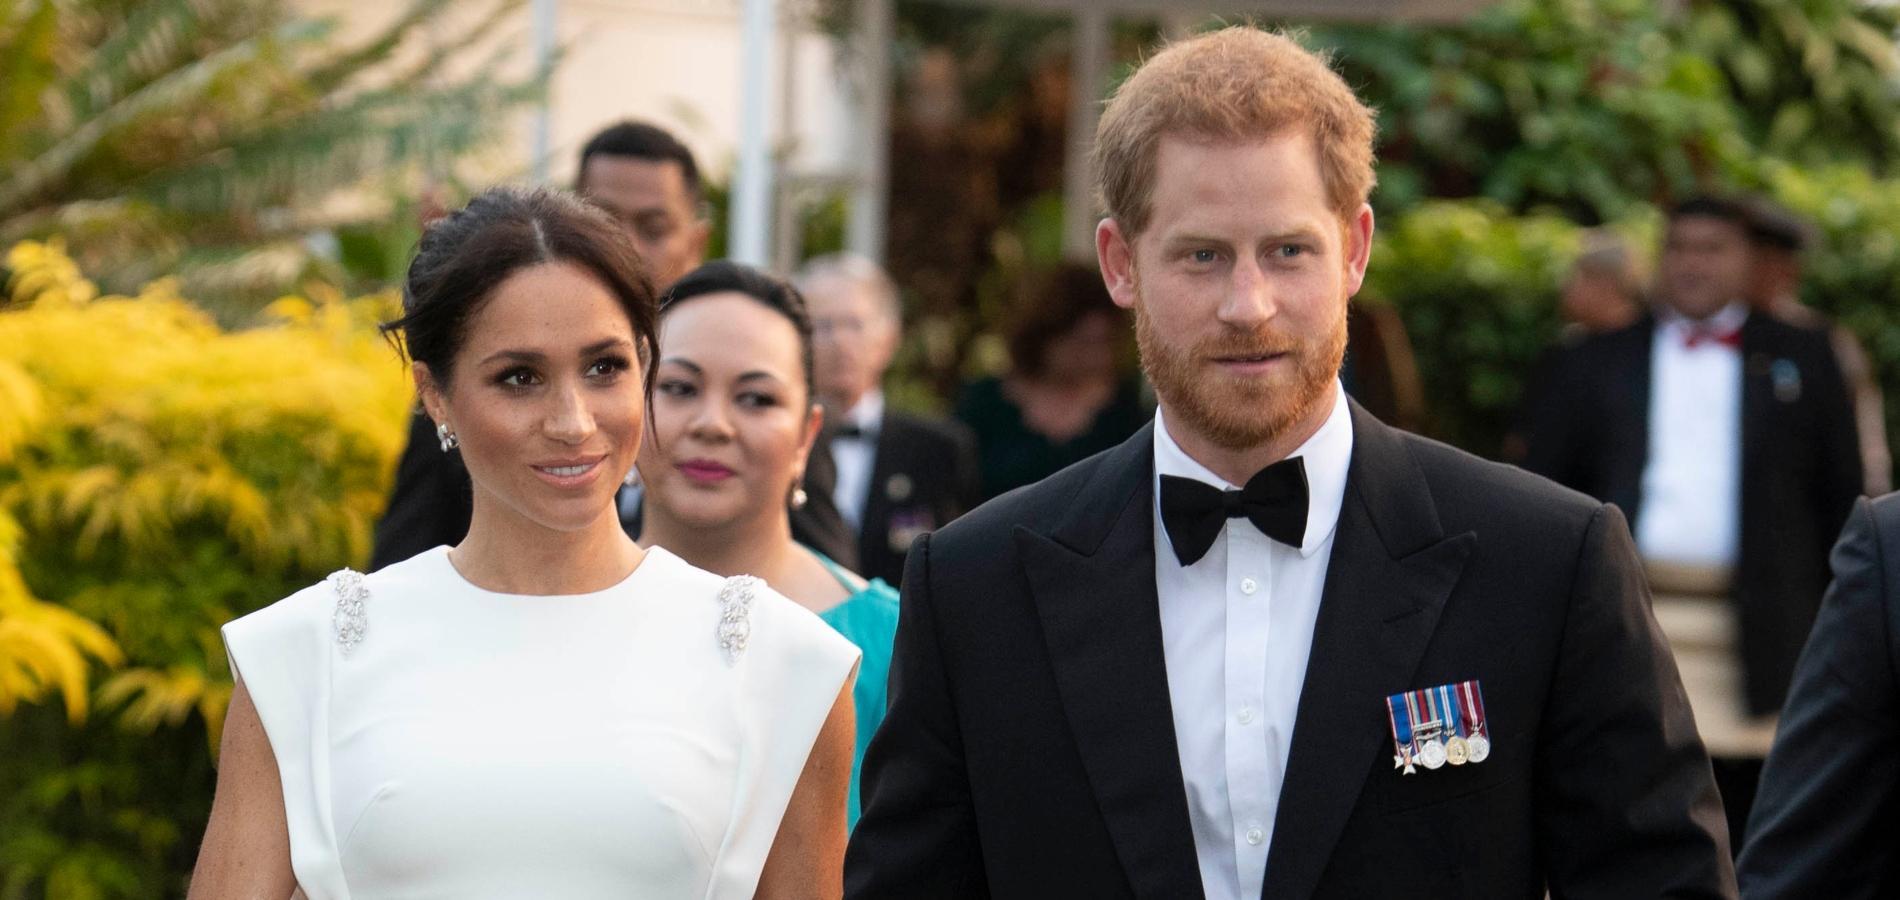 Meghan Markle insiste pour être assise à côté du prince Harry lors des dîners mondains